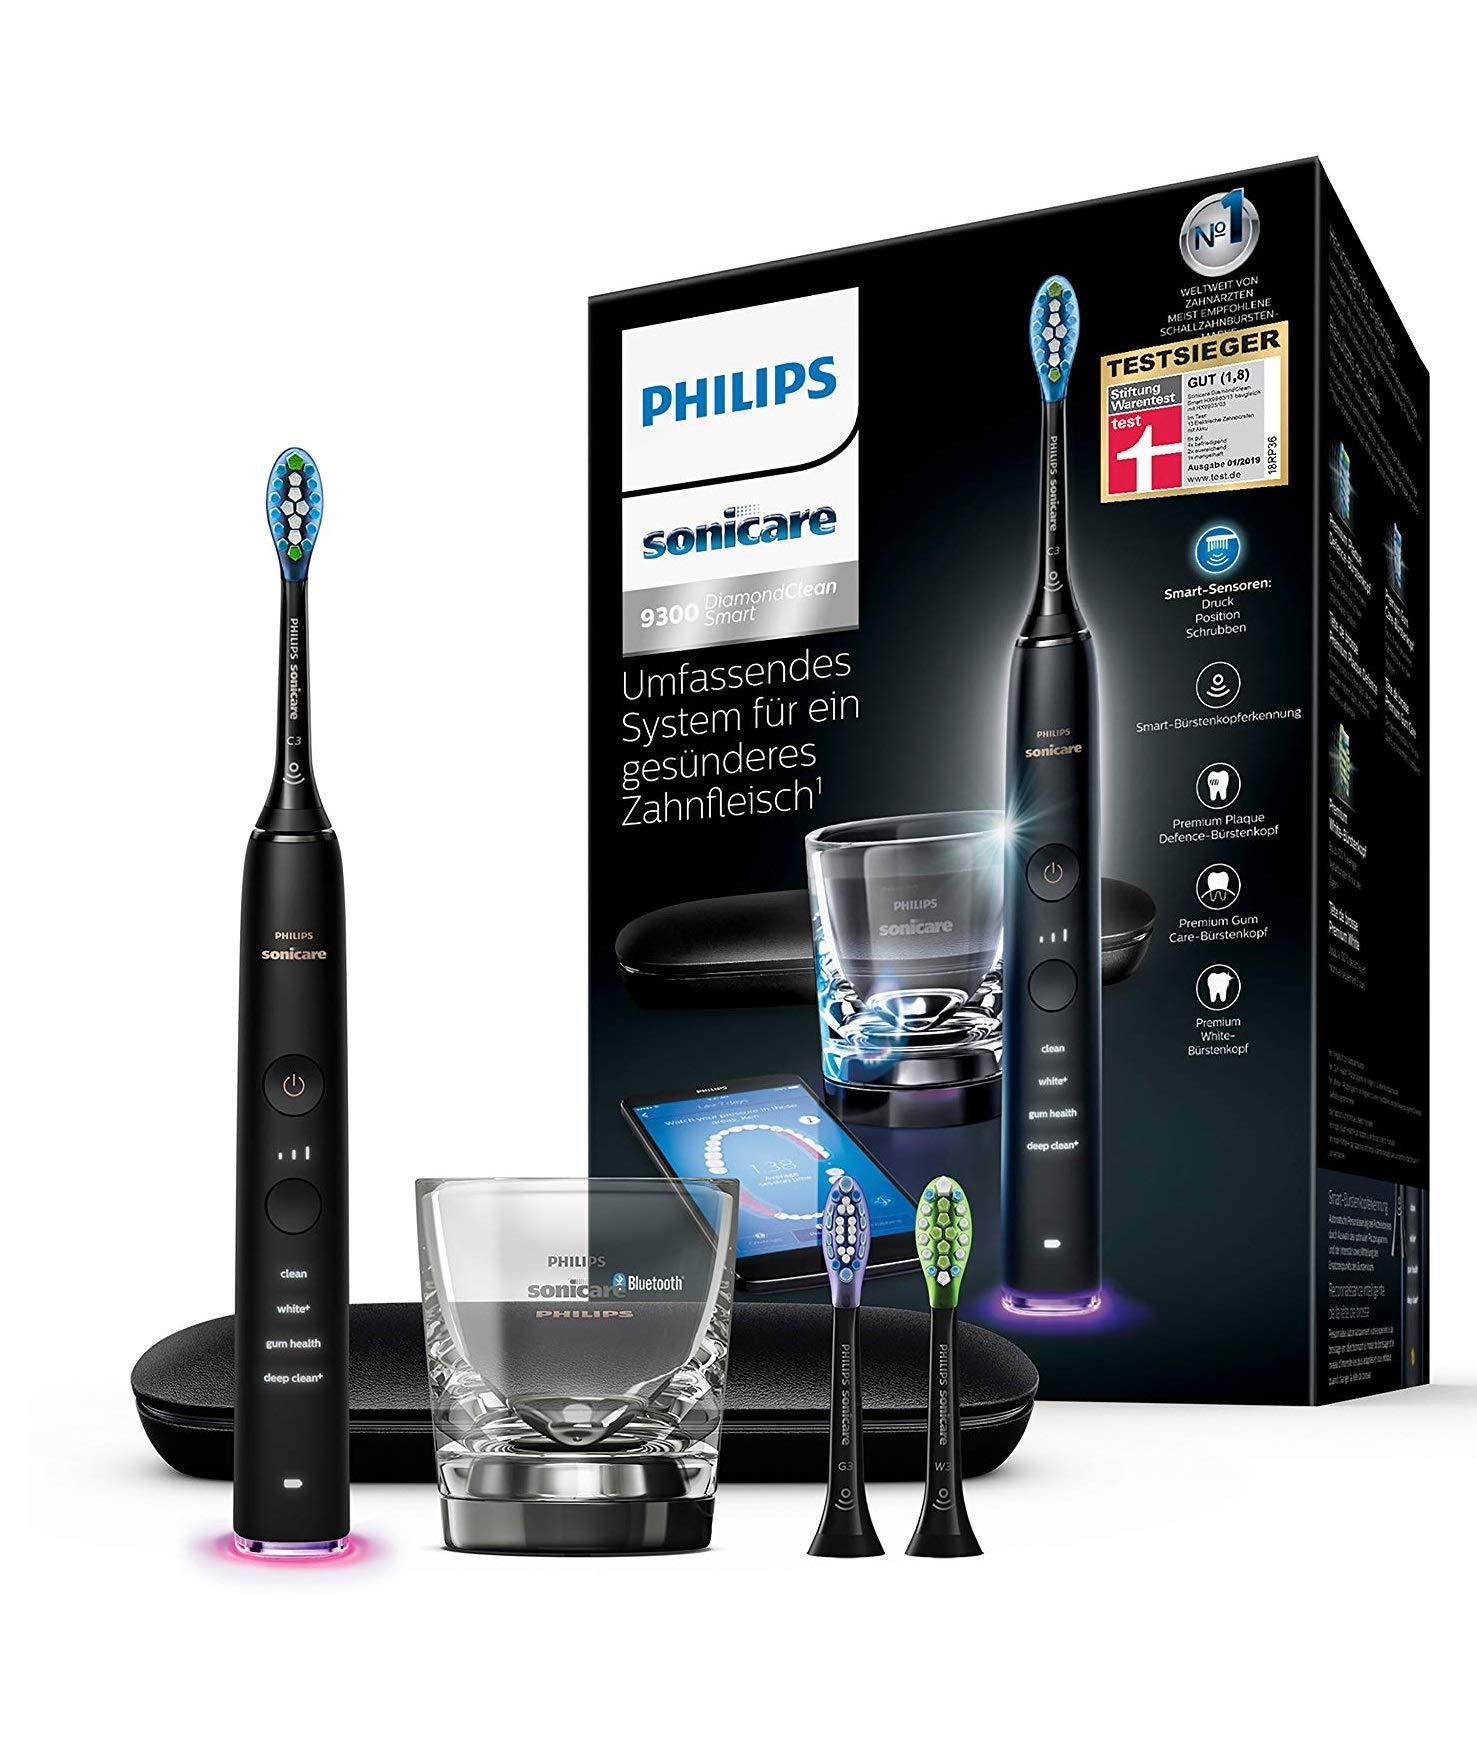 Philips Sonicare HX9903/13 DiamondClean Smart Elektrische Zahnbürste mit Schalltechnologie, Ladeglas, Reiseetui, schwarz